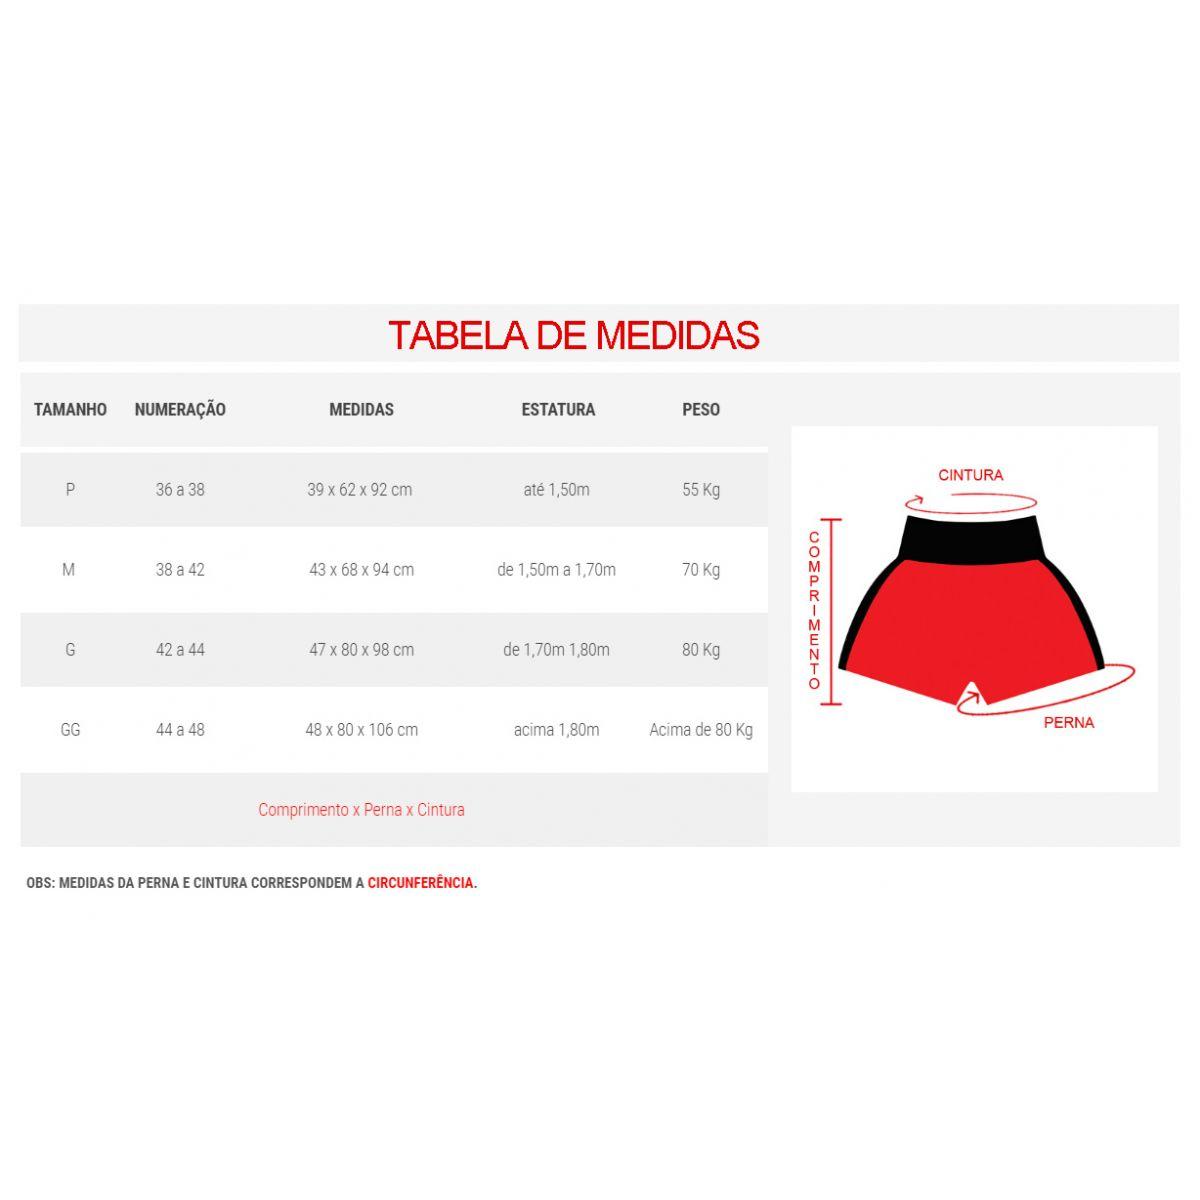 Calção / Short Muay Thai - Feminino -  Lady Dragon - Cavado - Rosa - Toriuk  - Loja do Competidor